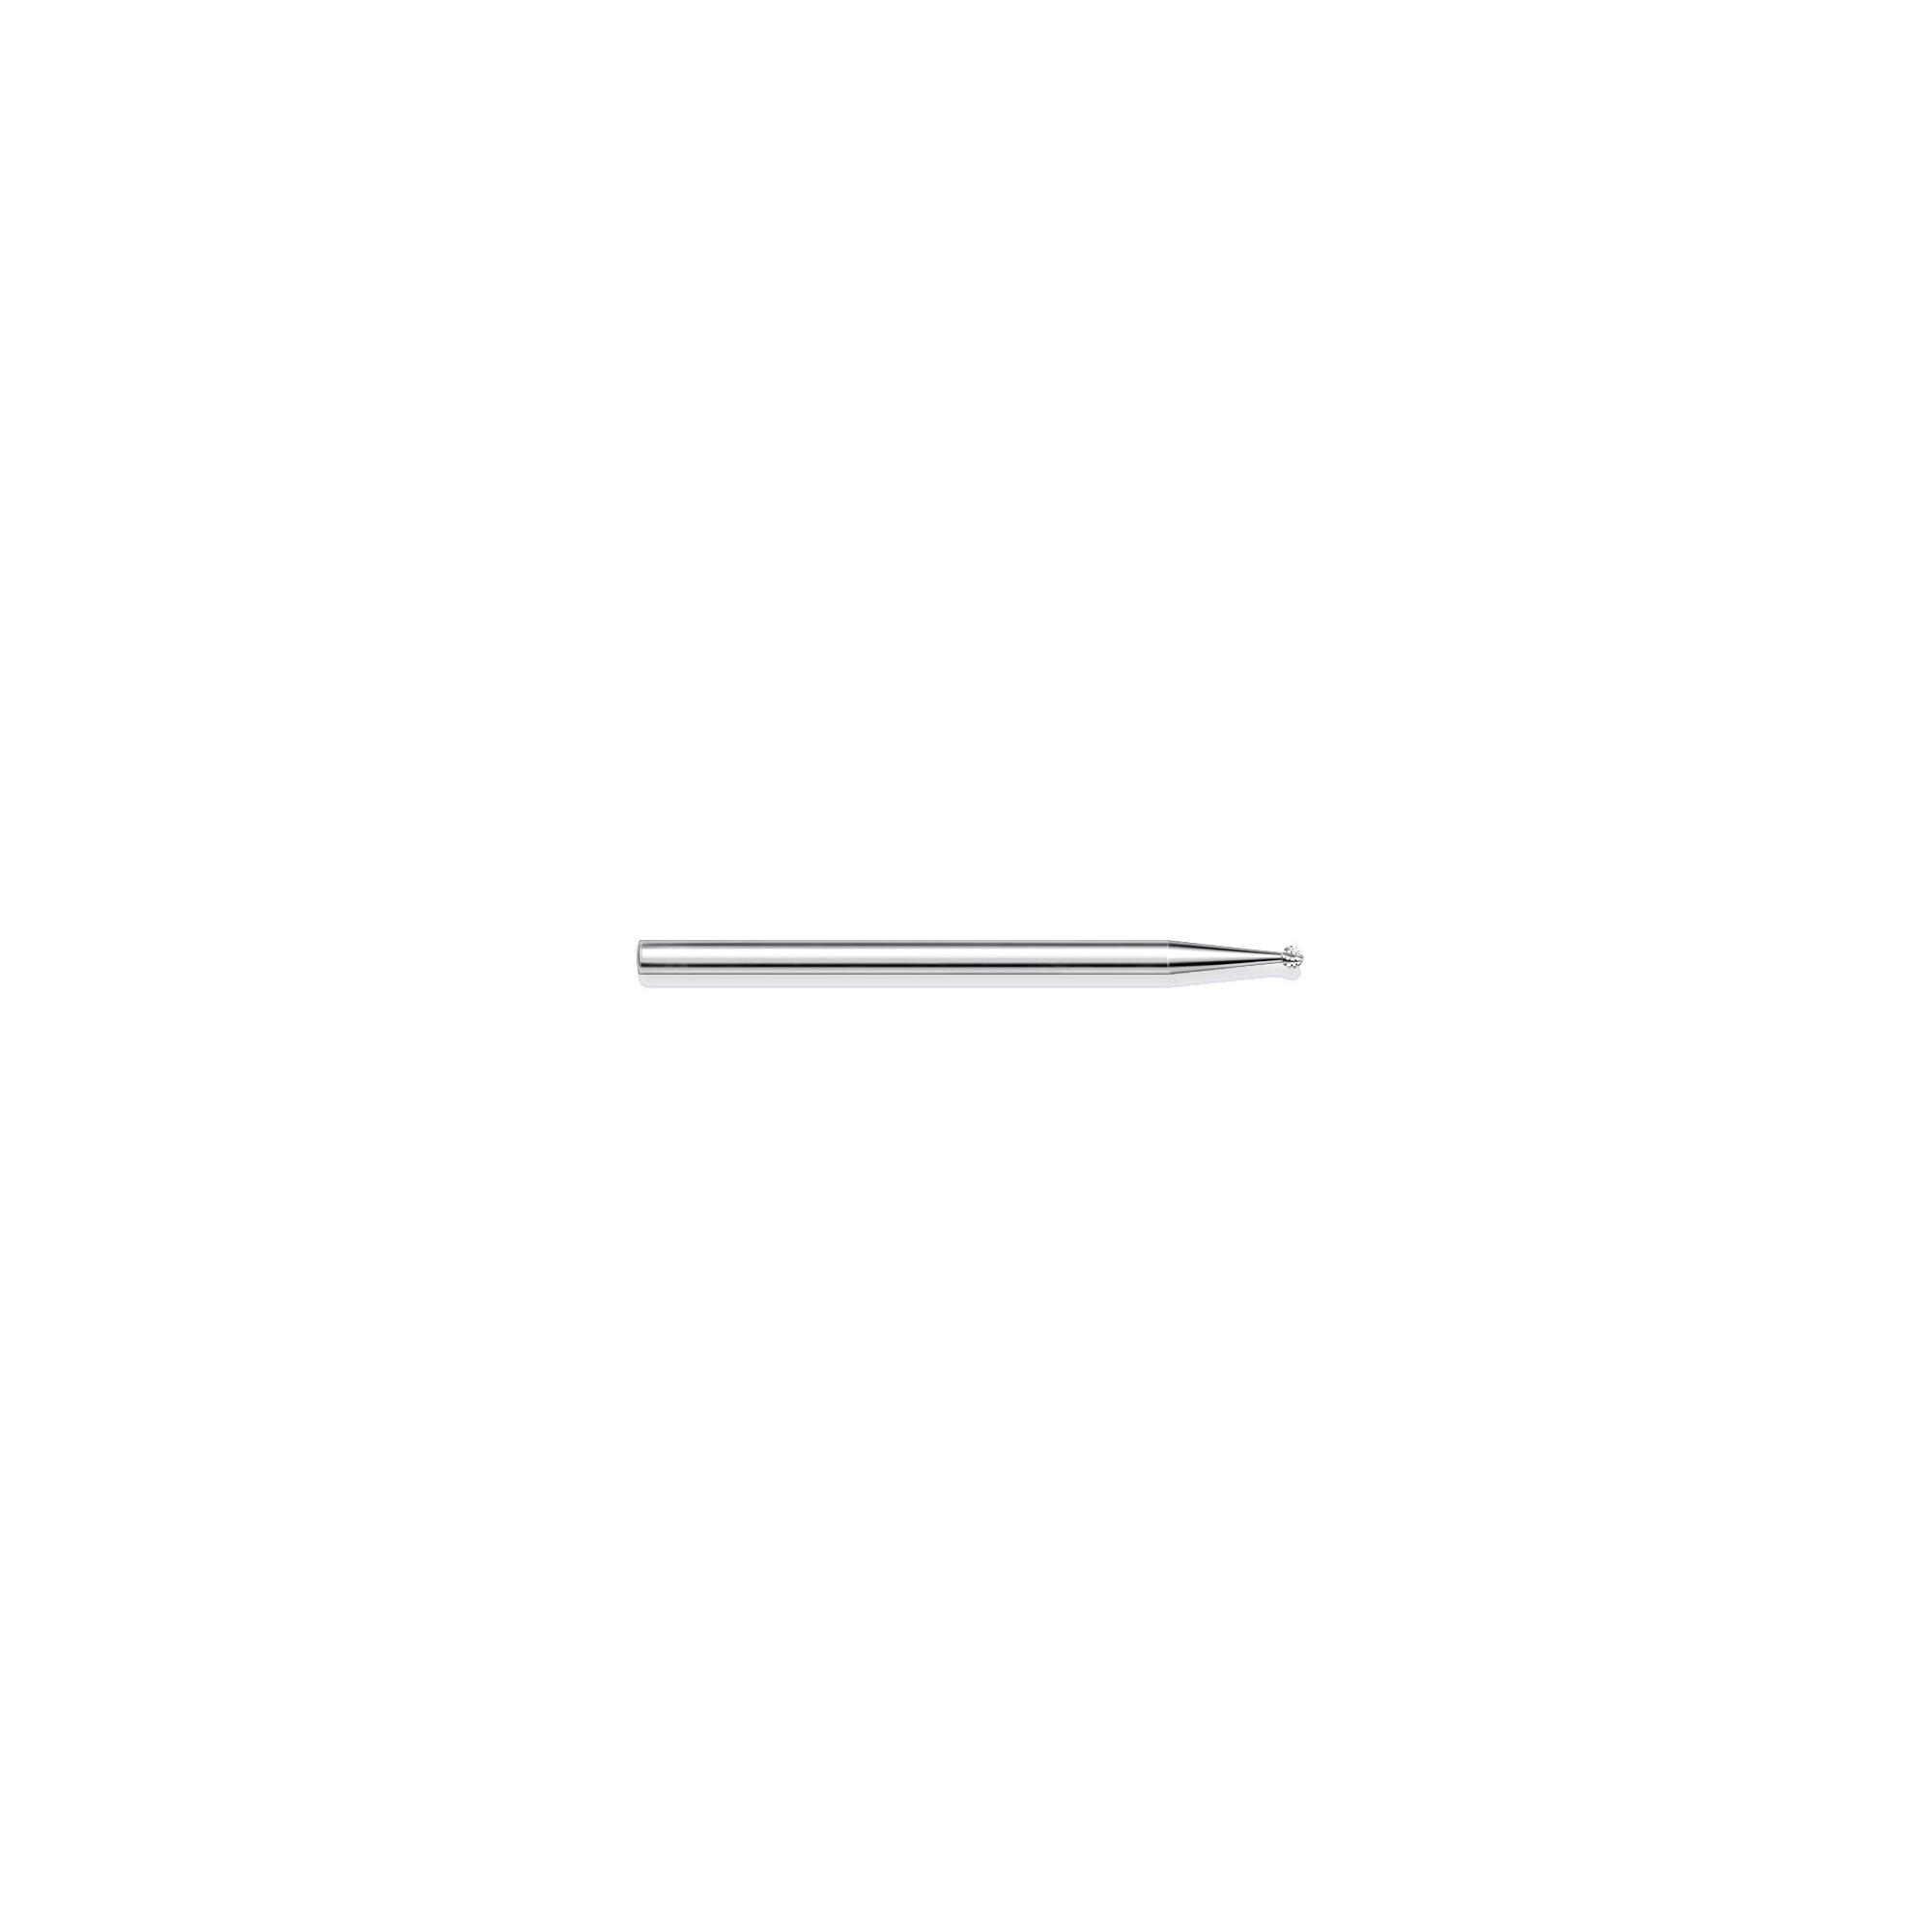 Fraise 11RS - Acier inoxydable - Enucléation des cors - 1,6 mm